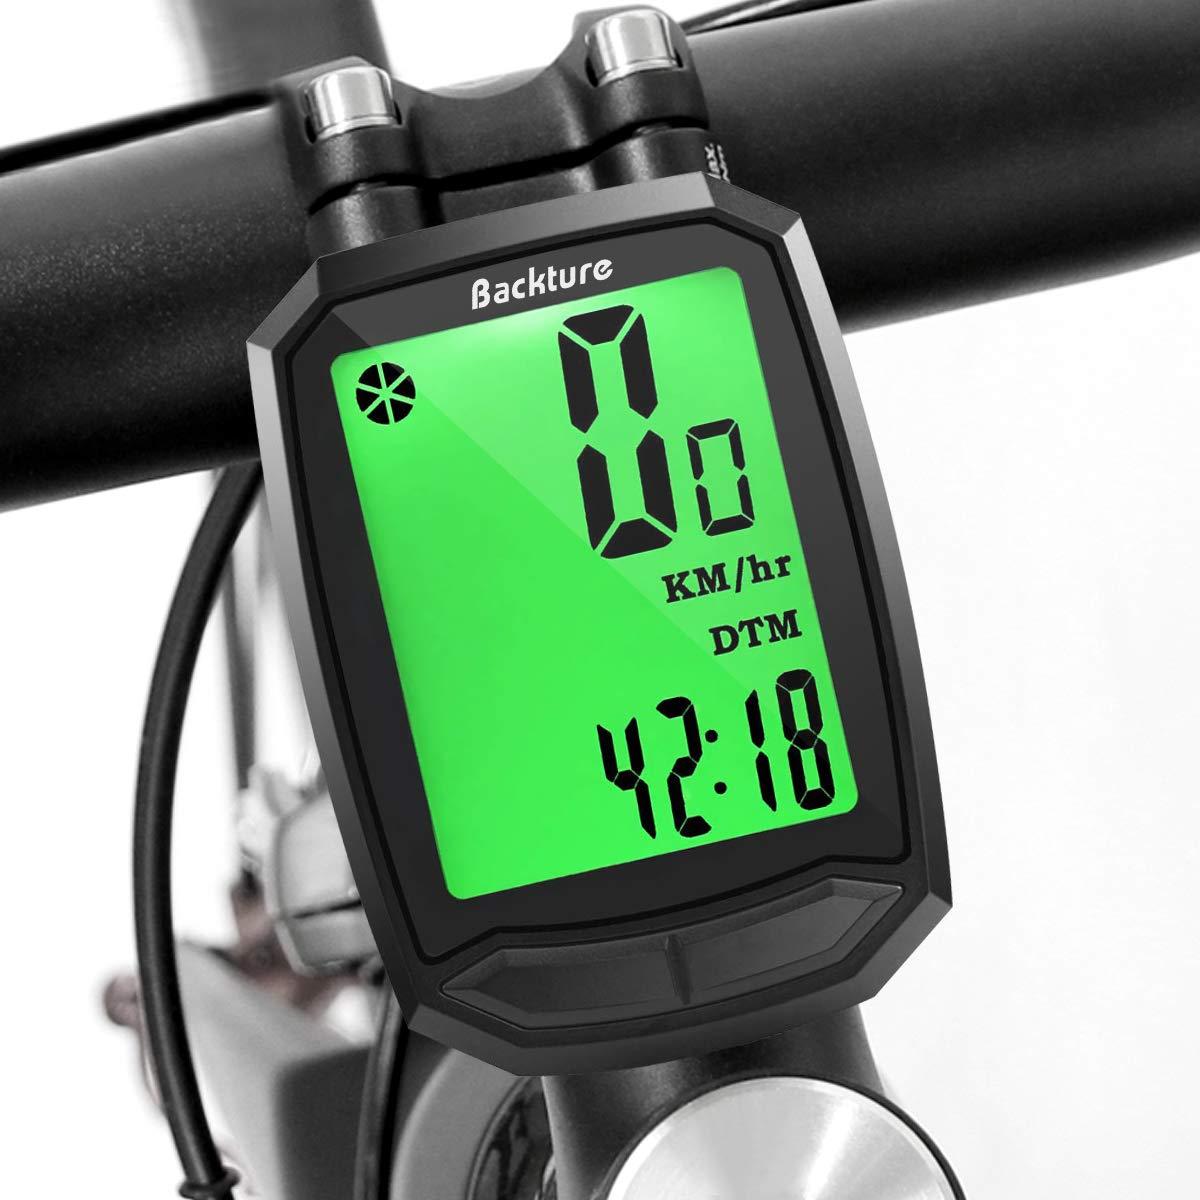 BACKTURE Compteur de vélo, Ordinateur de Vélo sans Fil Étanche,Compteur de Vitesse avec Rétroéclairage LCD d'affichage de l'écran pour vélo Realtime Speed Track et Distance product image